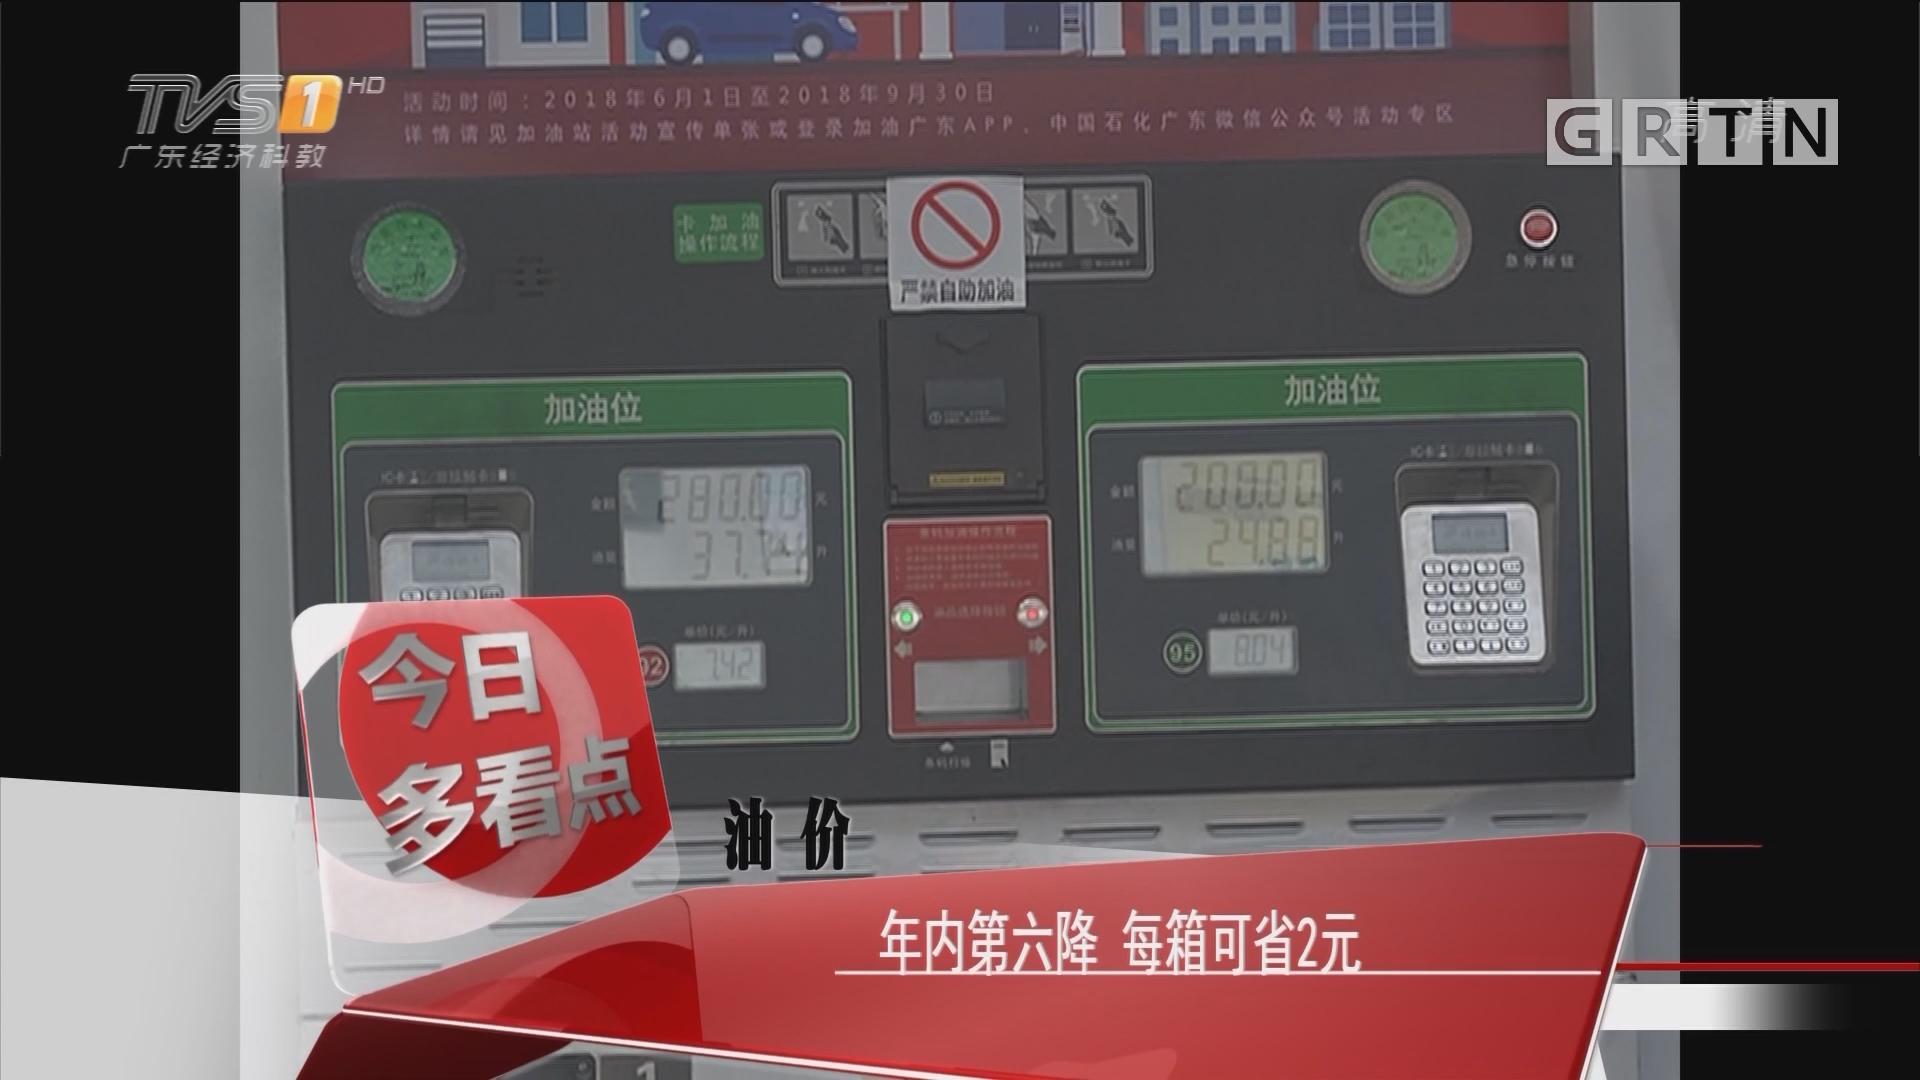 油价:年内第六降 每箱可省2元